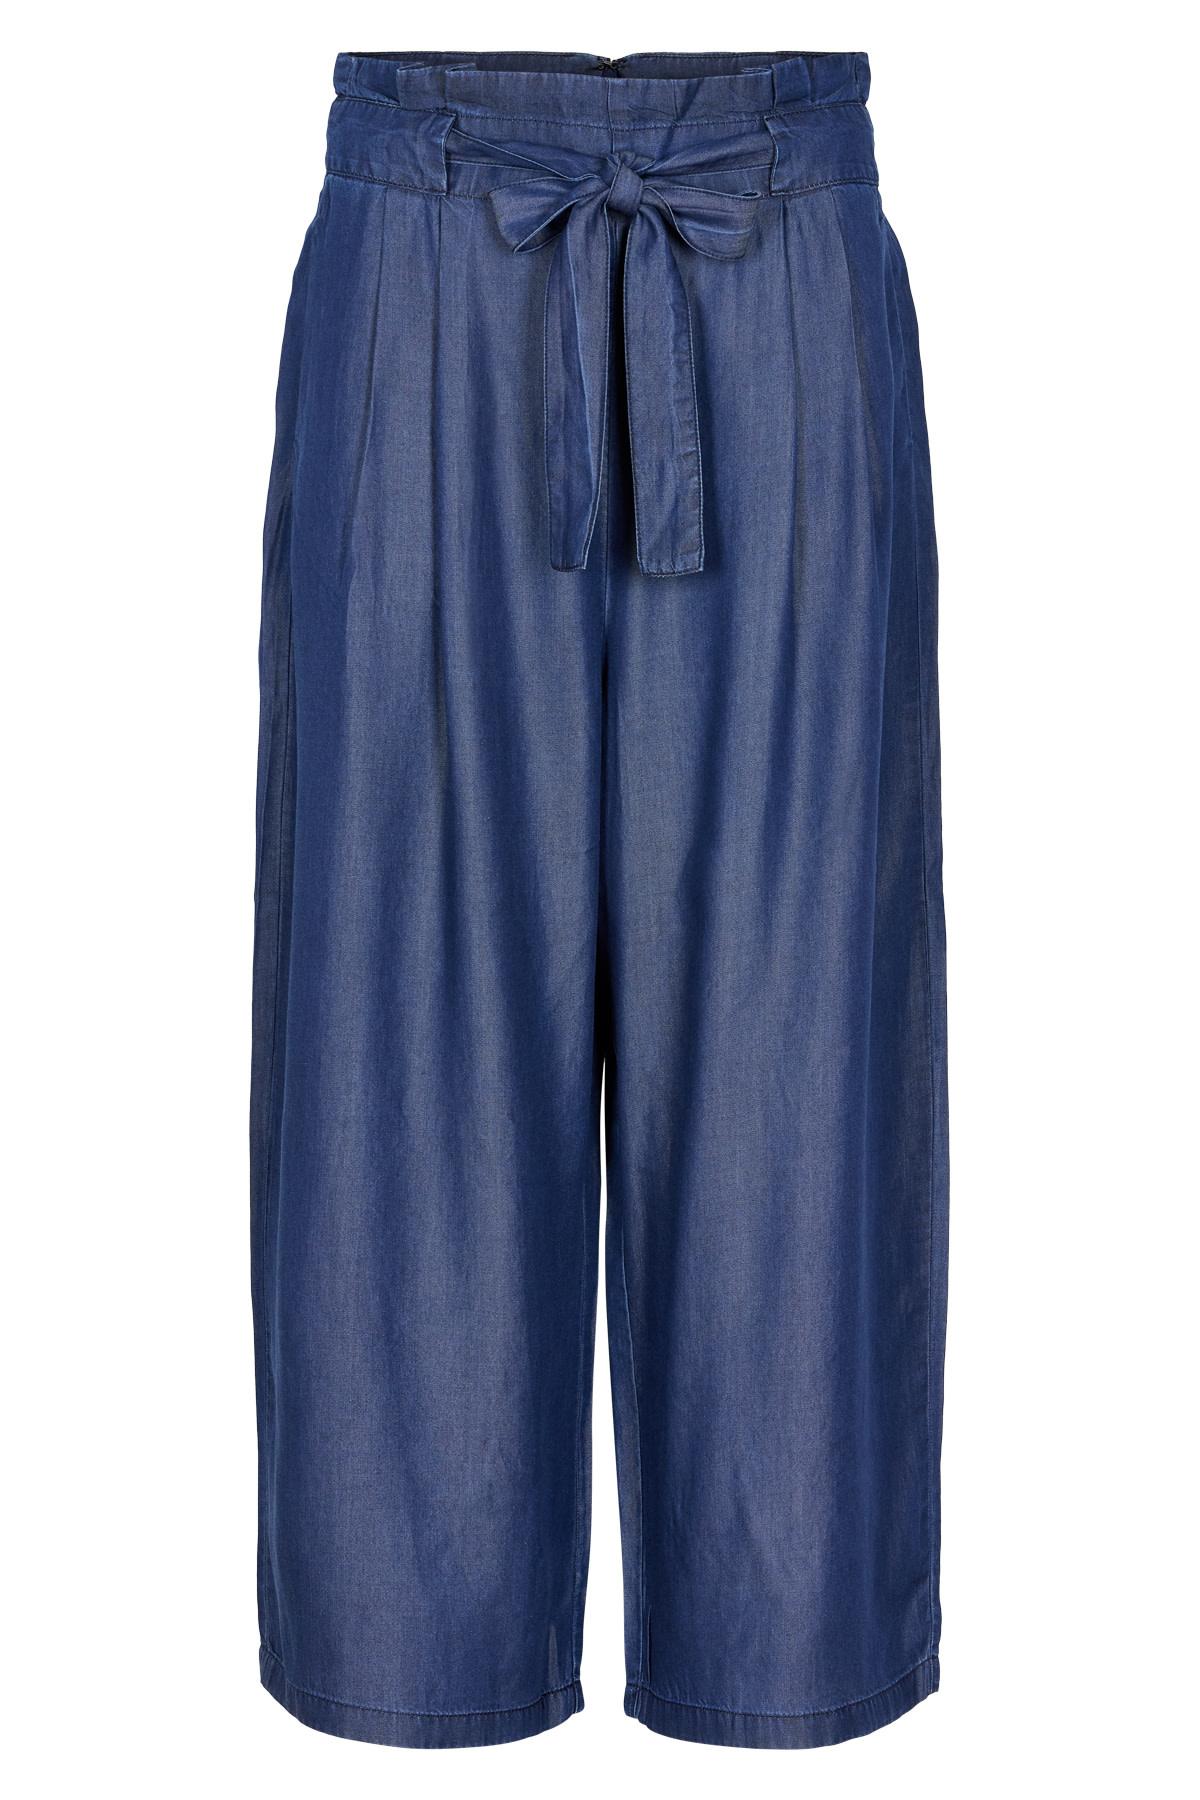 Nümph New Toyon Pants